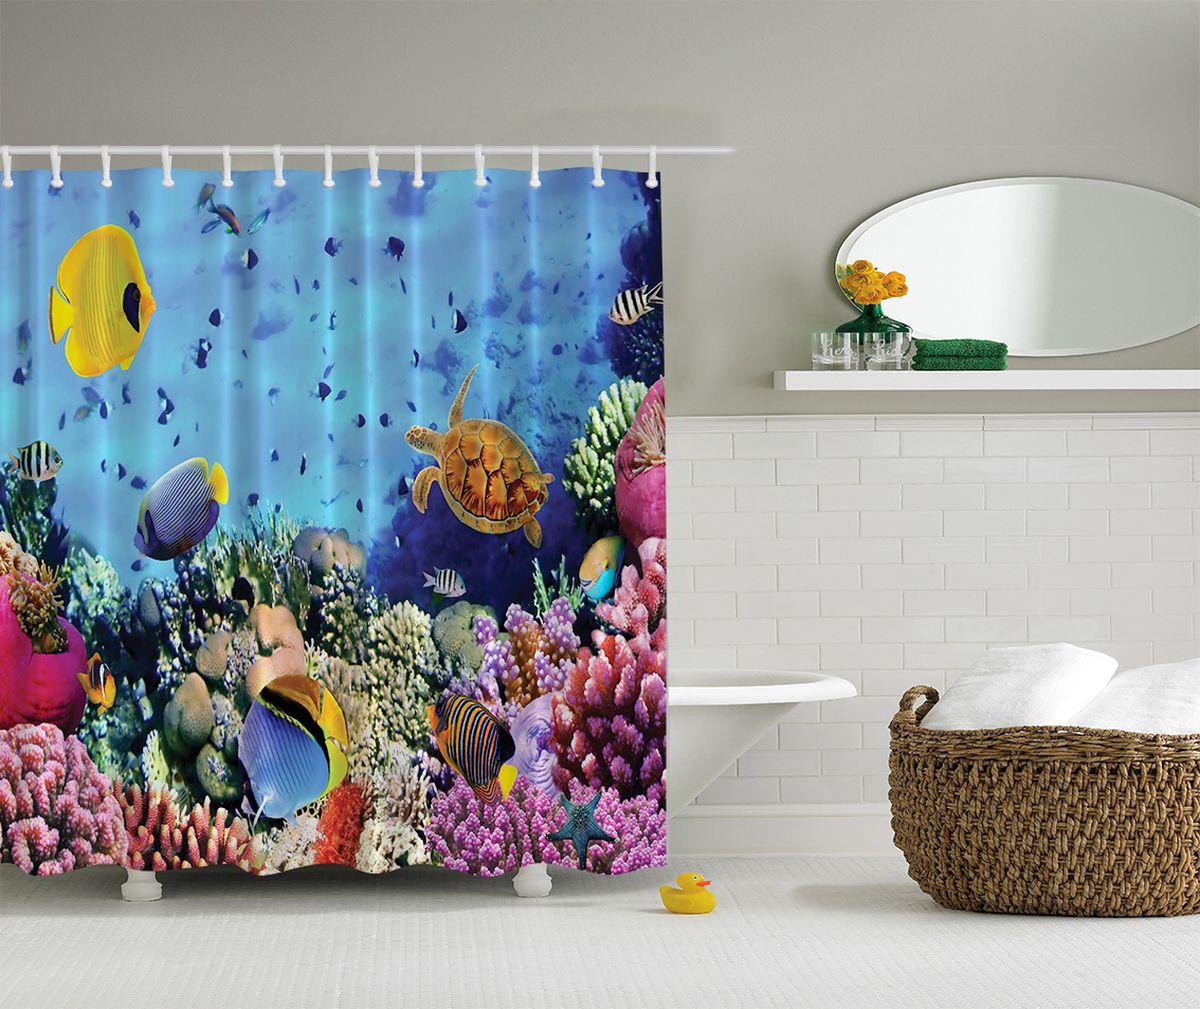 Штора для ванной комнаты Magic Lady Подводный мир, 180 х 200 смшв_12273Штора Magic Lady Подводный мир, изготовленная из высококачественного сатена (полиэстер 100%), отлично дополнит любой интерьер ванной комнаты. При изготовлении используются специальные гипоаллергенные чернила для прямой печати по ткани, безопасные для человека.В комплекте: 1 штора, 12 крючков. Обращаем ваше внимание, фактический цвет изделия может незначительно отличаться от представленного на фото.